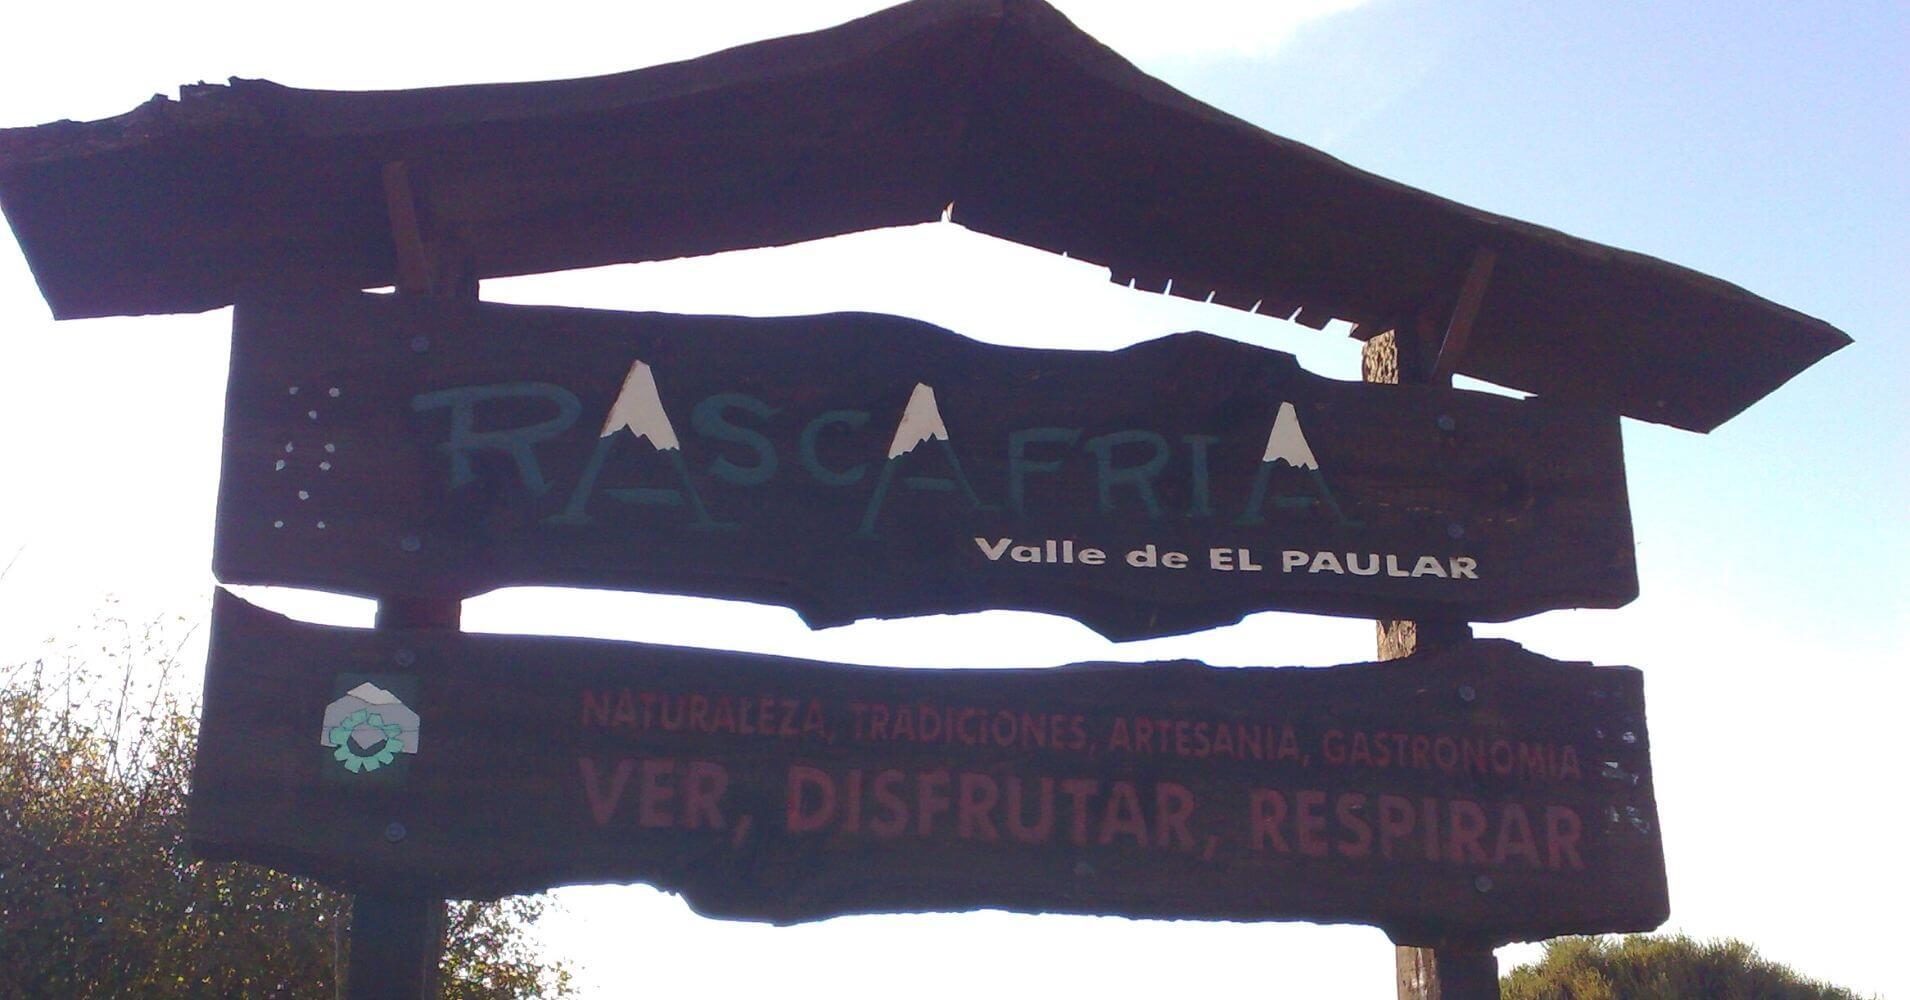 Puerto de la Morcuera. Rascafría, Valle de El Paular. Comunidad de Madrid.